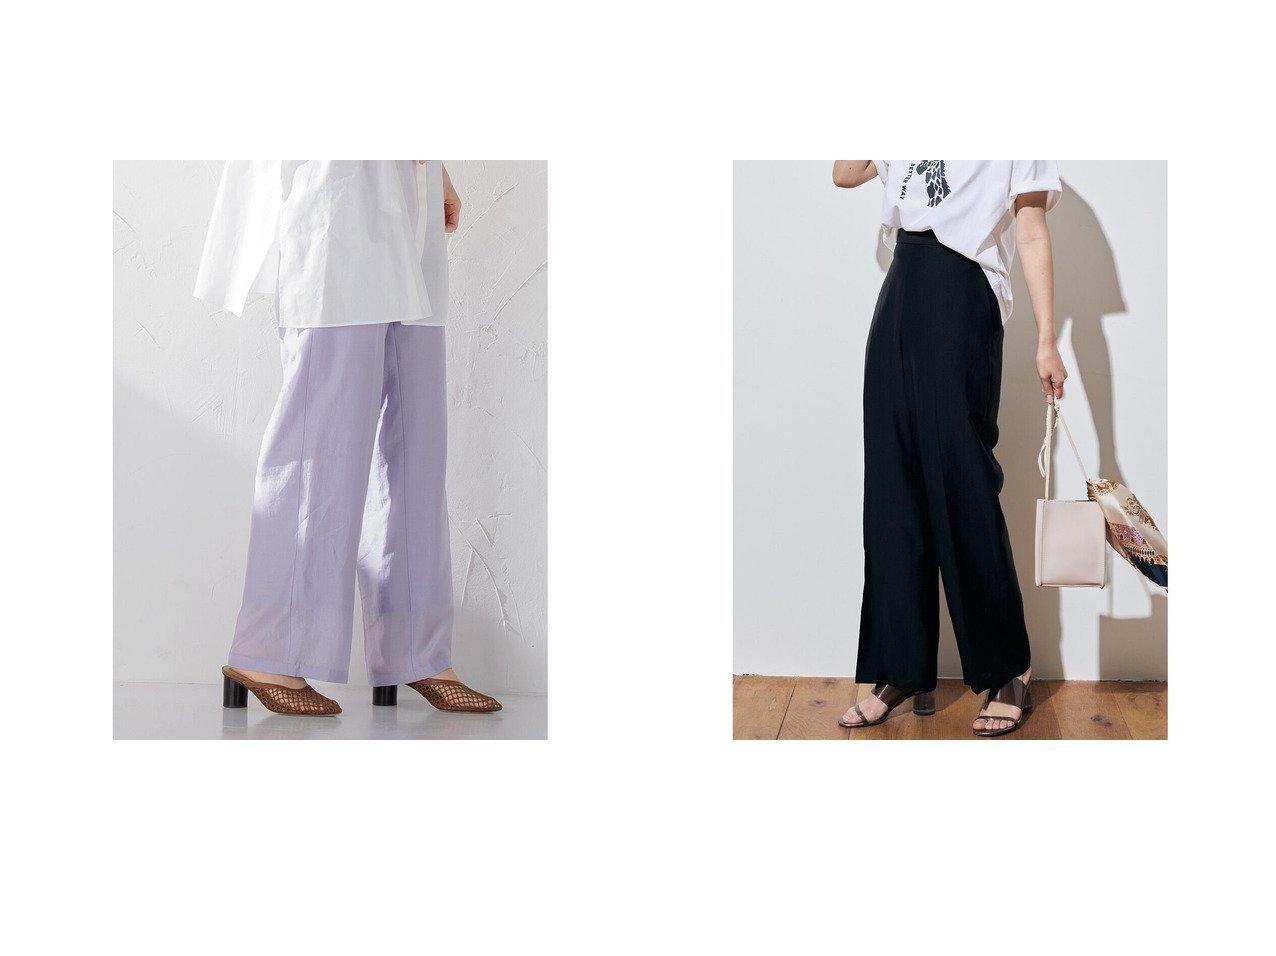 【Droite Lautreamont/ドロワット ロートレアモン】のSKELETENシアーワイドパンツ 【パンツ】おすすめ!人気、トレンド・レディースファッションの通販 おすすめで人気の流行・トレンド、ファッションの通販商品 インテリア・家具・メンズファッション・キッズファッション・レディースファッション・服の通販 founy(ファニー) https://founy.com/ ファッション Fashion レディースファッション WOMEN パンツ Pants A/W・秋冬 AW・Autumn/Winter・FW・Fall-Winter シアー パープル ベーシック ワイド |ID:crp329100000045922